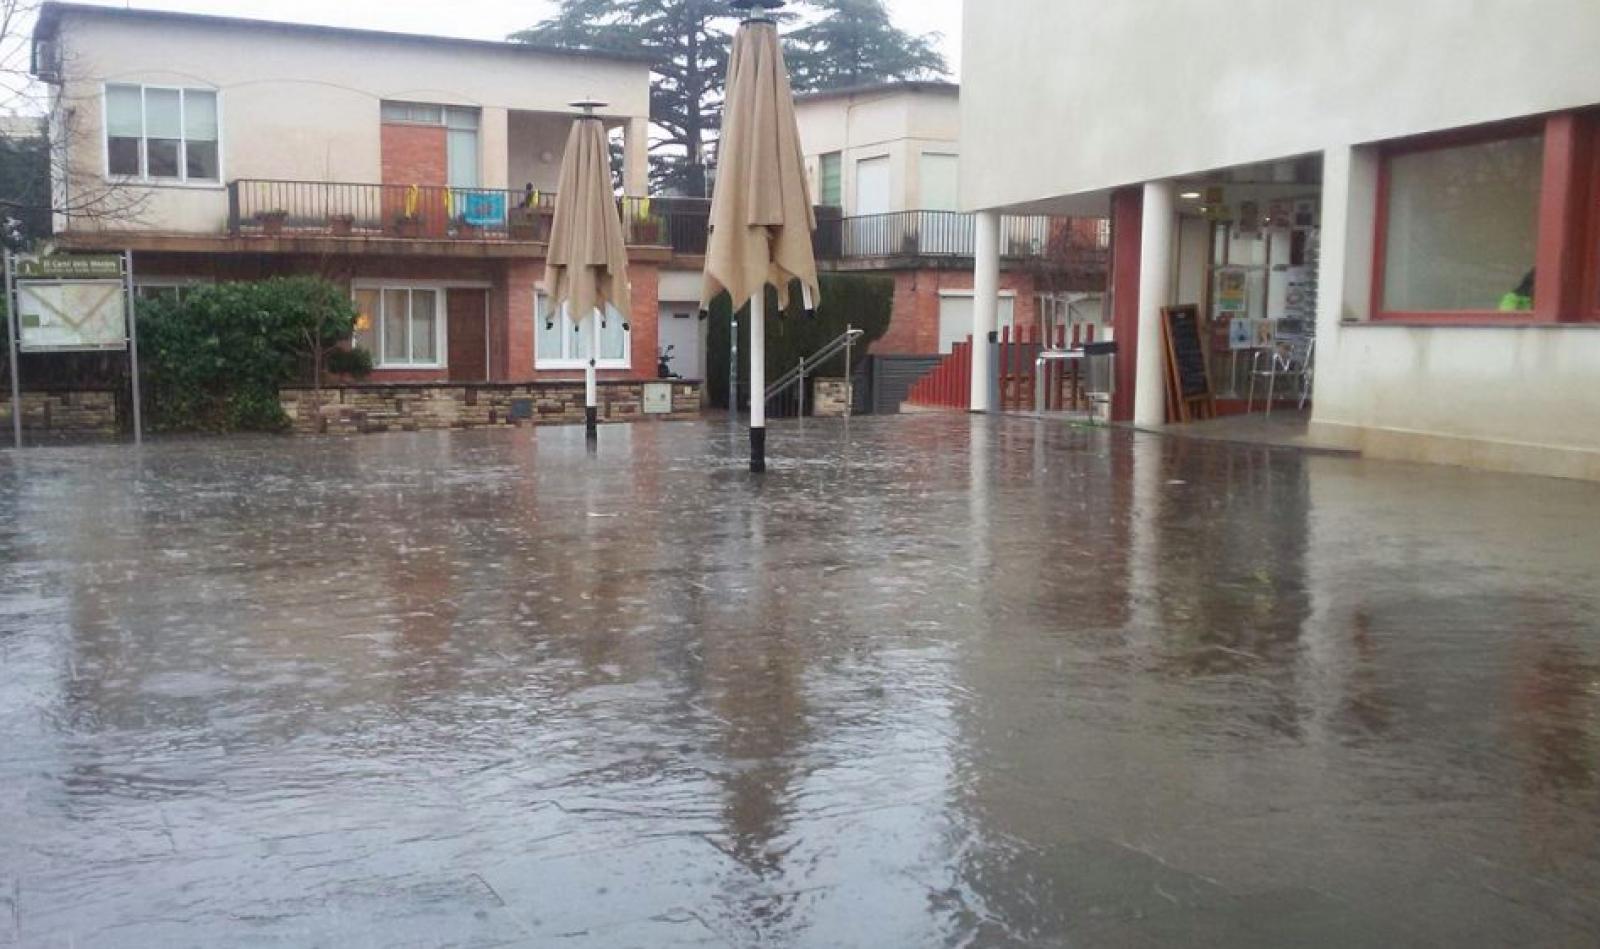 La pluja va deixar prop de 80 litres per m2 a Matadepera